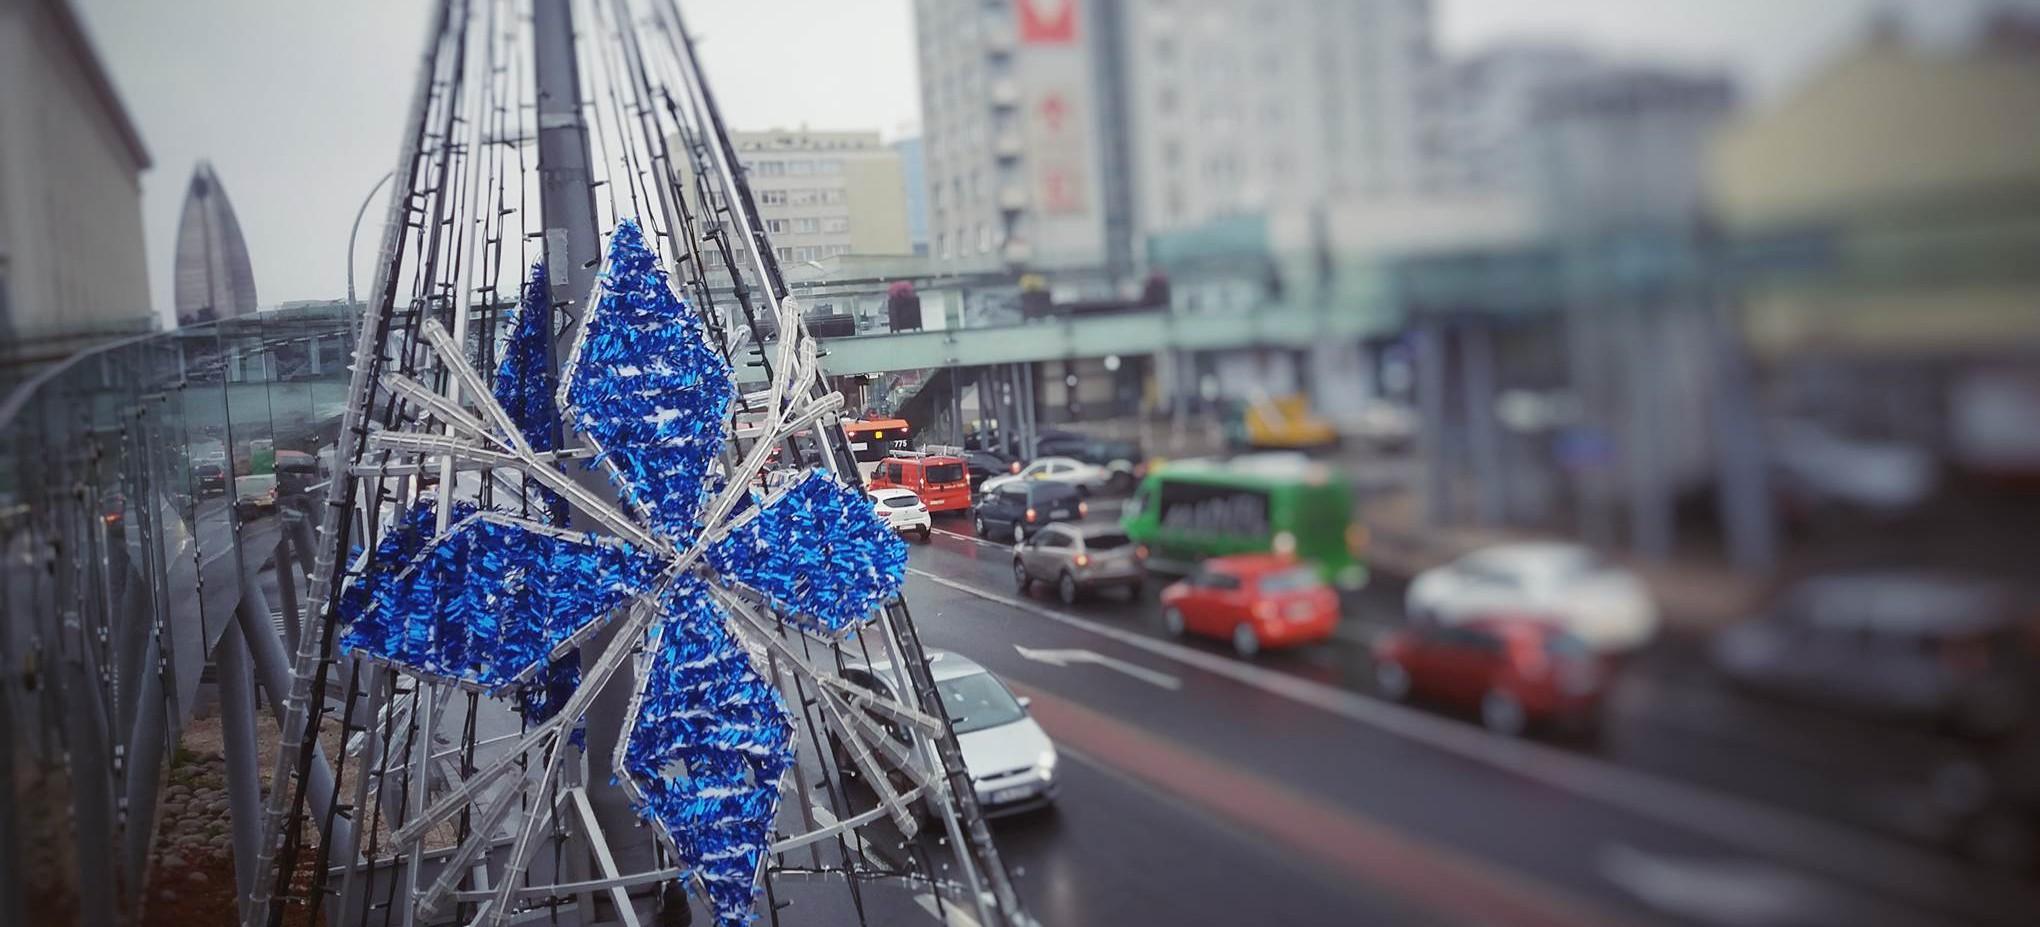 Pierwszy śnieg i pierwsze ozdoby świąteczne w Rzeszowie (FILM, FOTO)